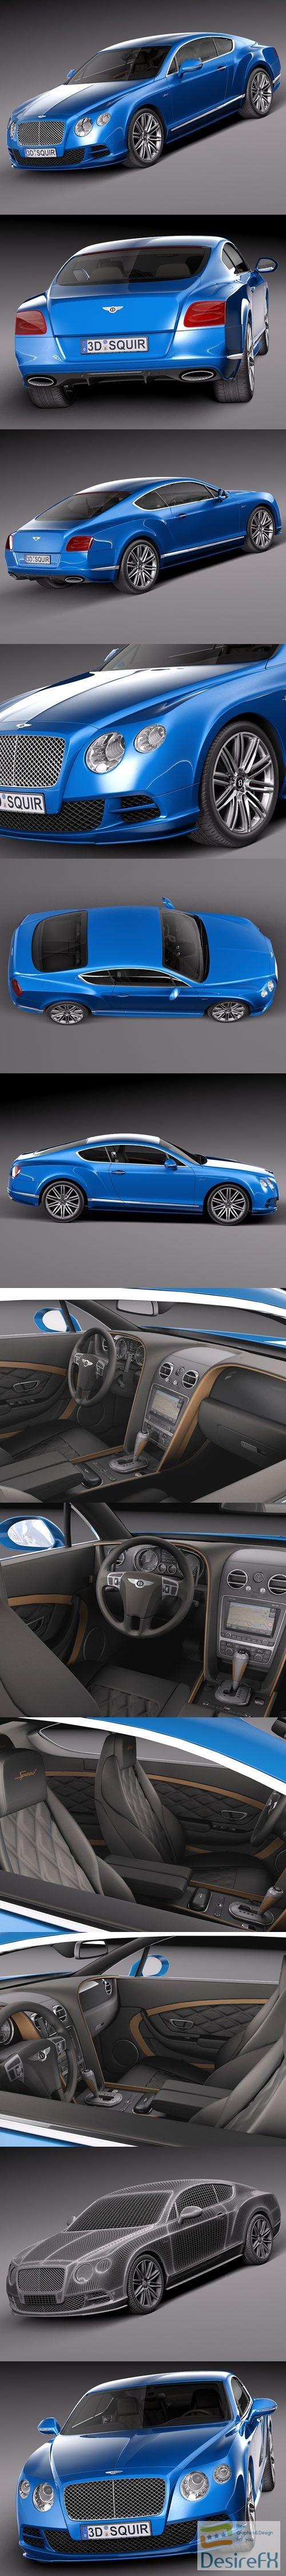 3d-models - Bentley Continental GT Speed 2015 3D Model